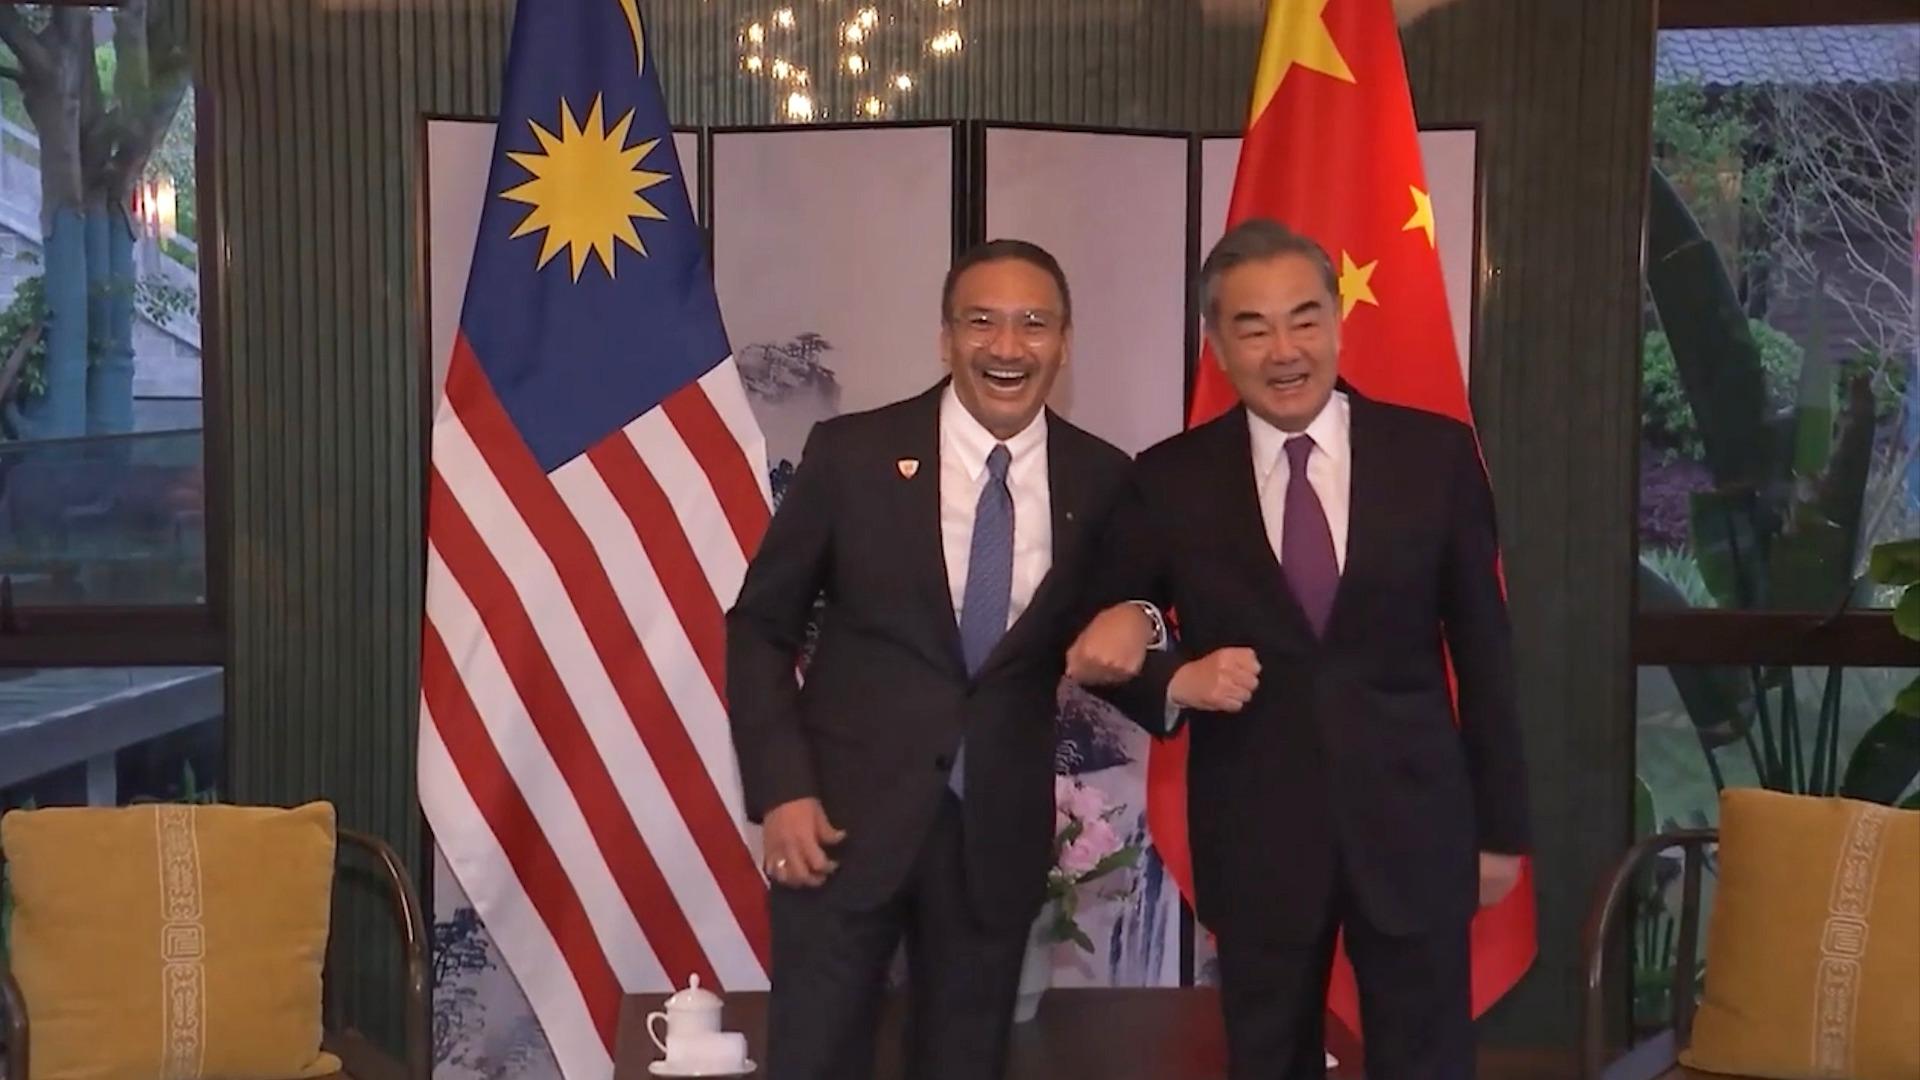 马来西亚外长对王毅说:你始终是我的大哥